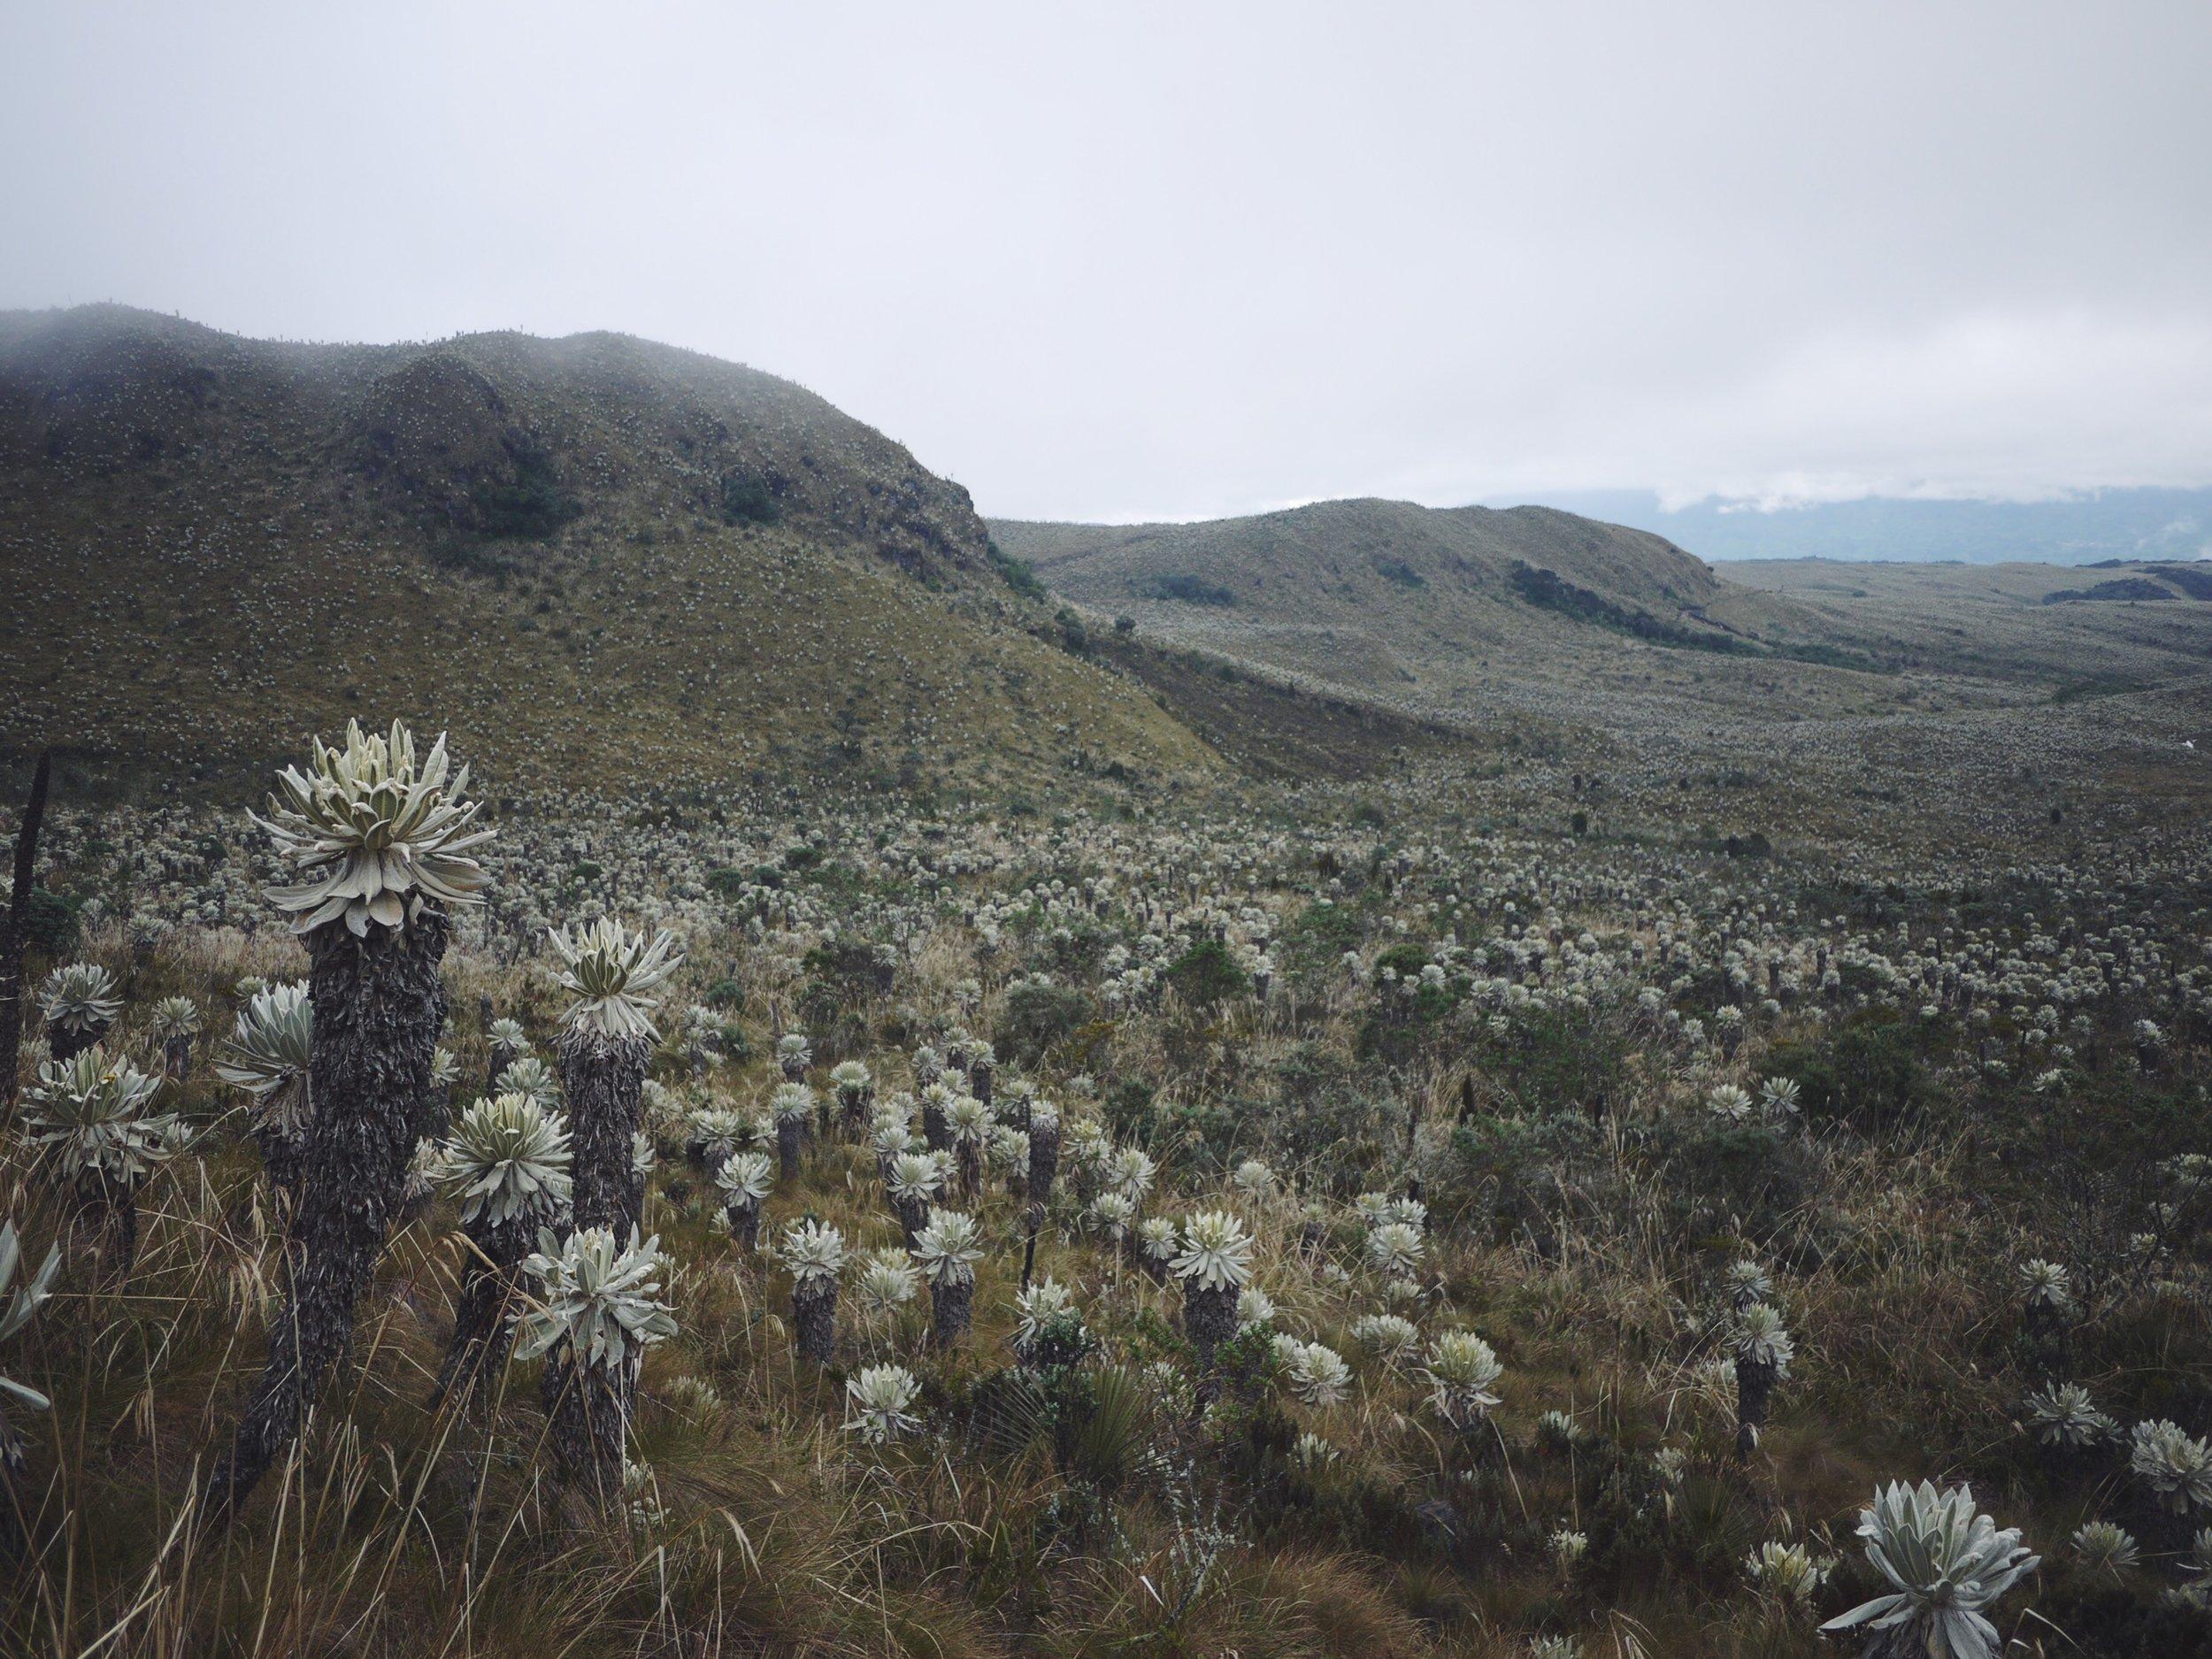 The bizarre Frailejones of El Angel Ecological Reserve.